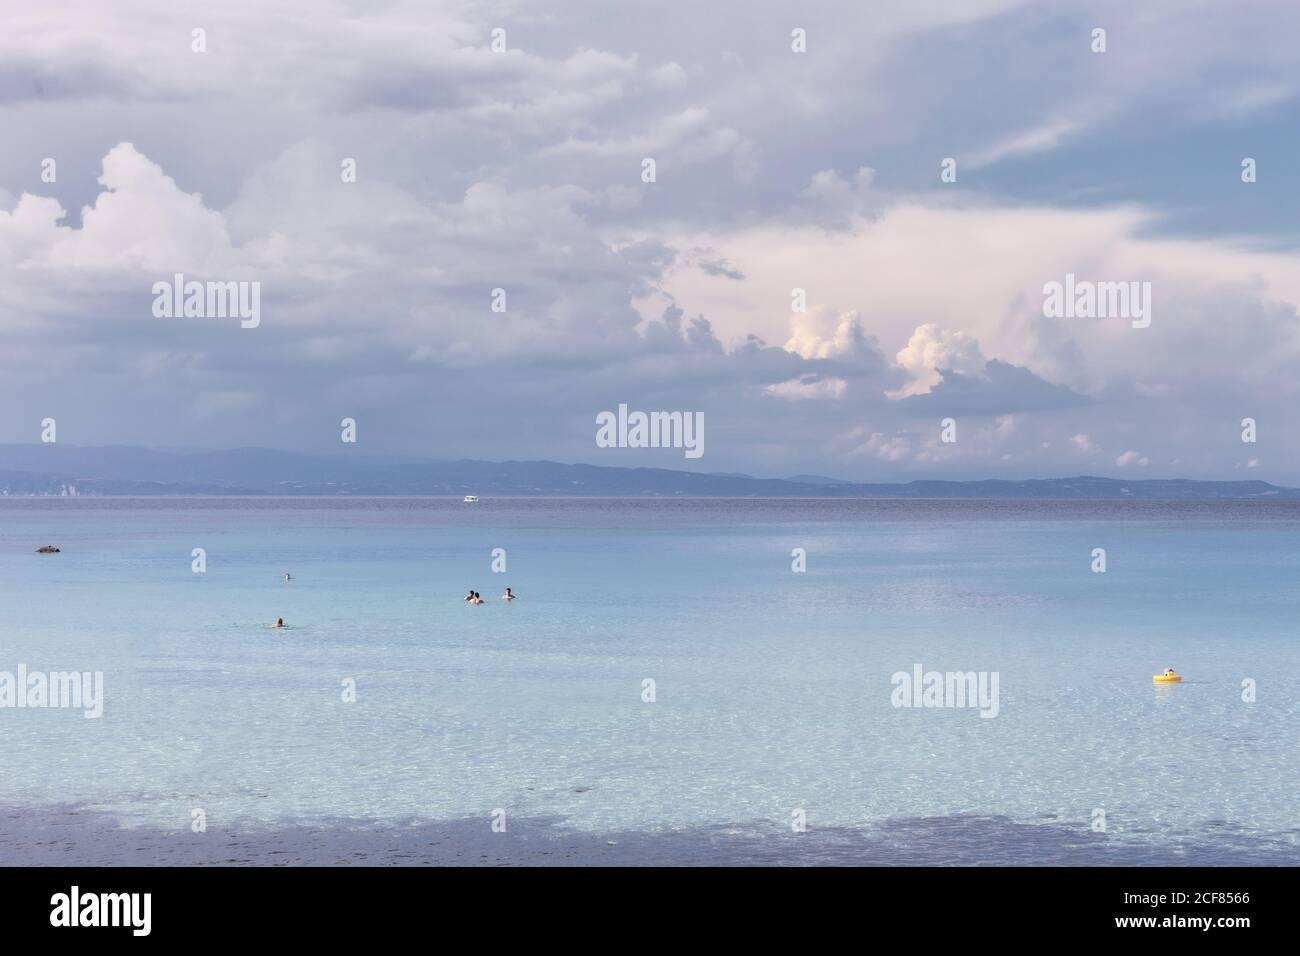 Eau de mer paisible avec des personnes nageant dans un climat calme sous ciel nuageux, Halkidiki, Grèce Banque D'Images